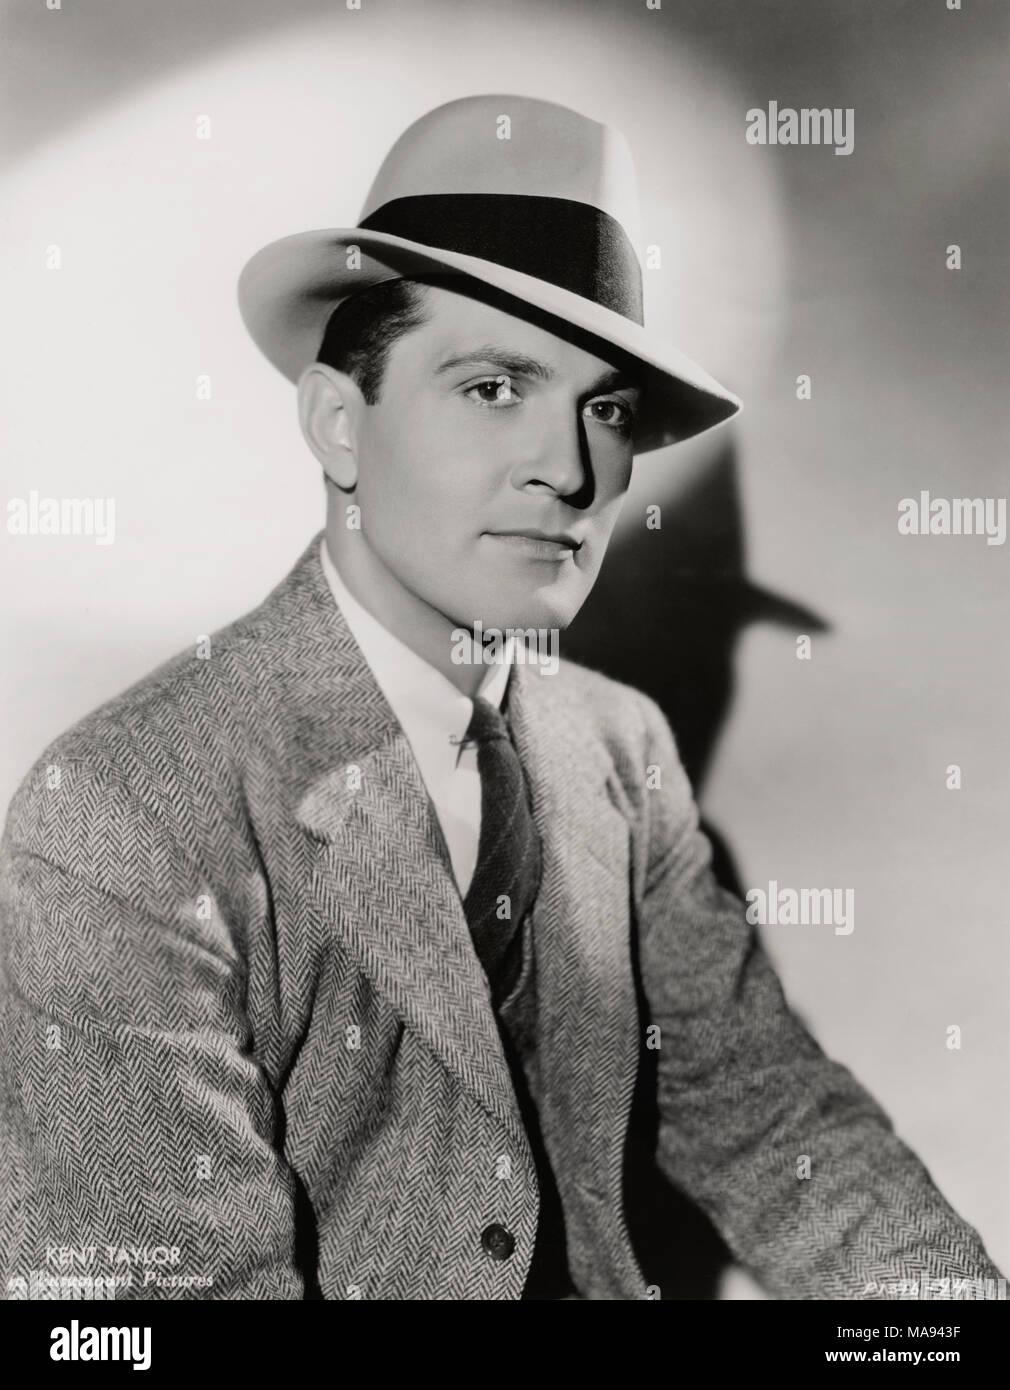 Actor Kent Taylor, Publicity Portrait, Paramount Pictures, 1930's Stock Photo